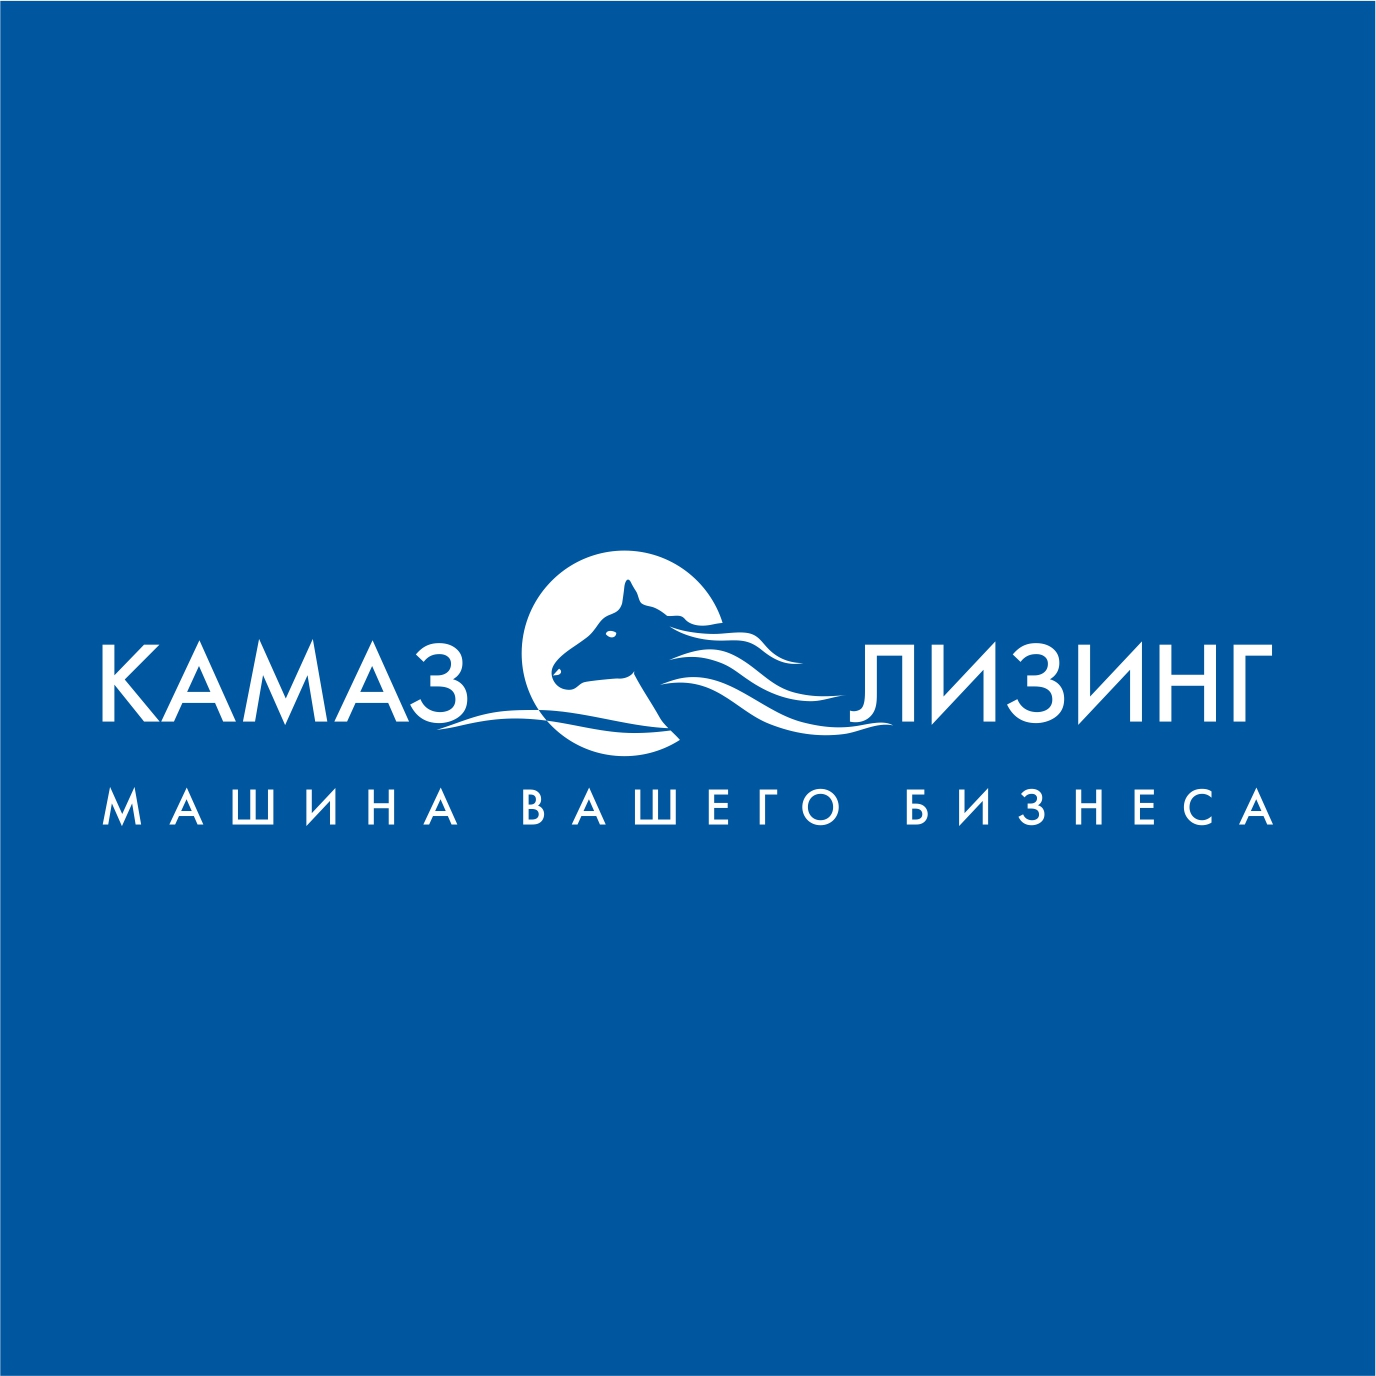 Полуприцепы в лизинг для ООО «ВЕНТА-ТРАНС ЕВРАЗИЯ»